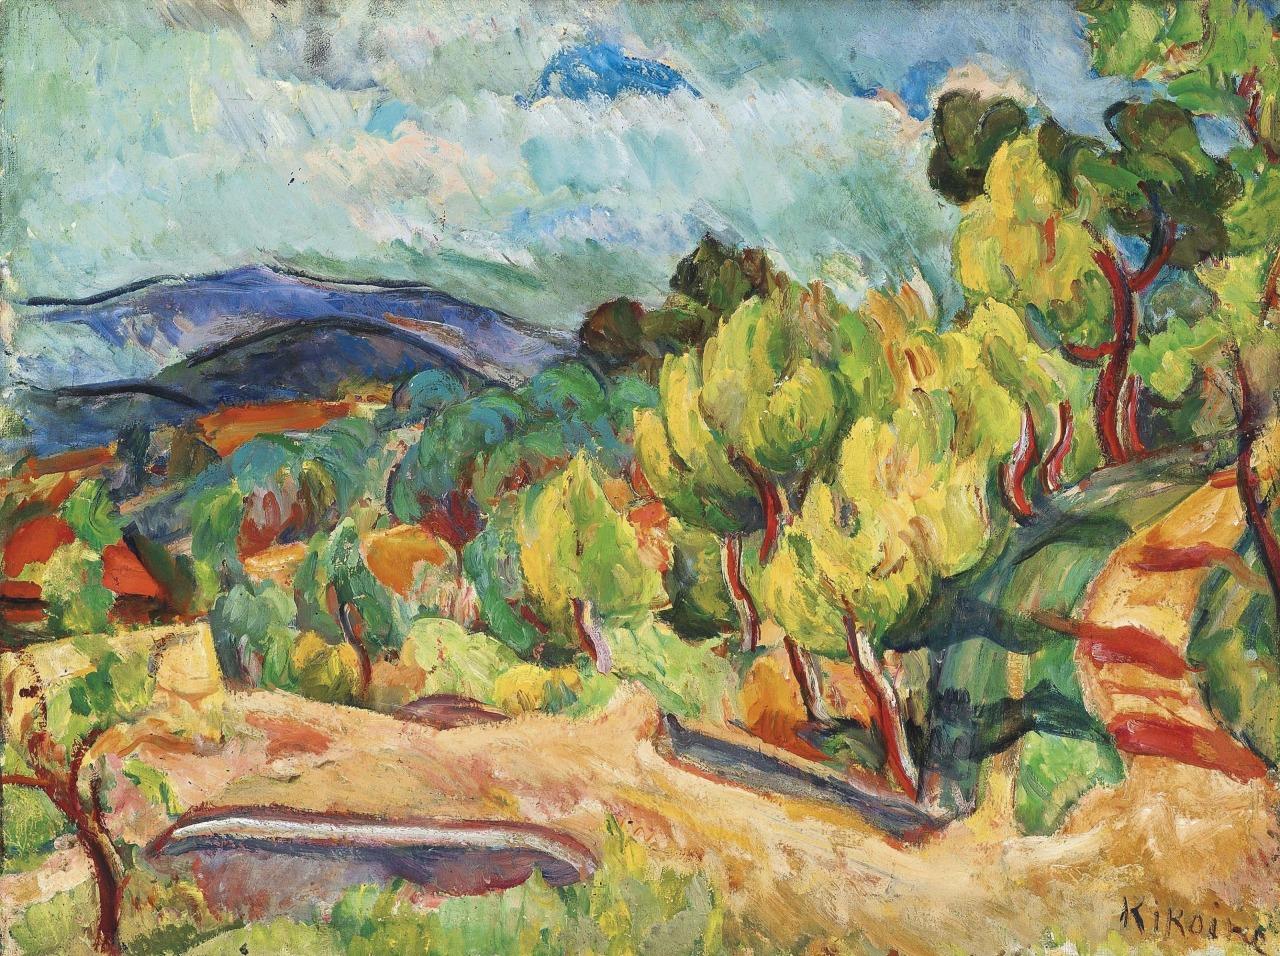 lawrenceleemagnuson:Michel Kikoïne (Belarus 1892-1968 France) Route dans les arbres oil on canvas 56 x 72.8cm